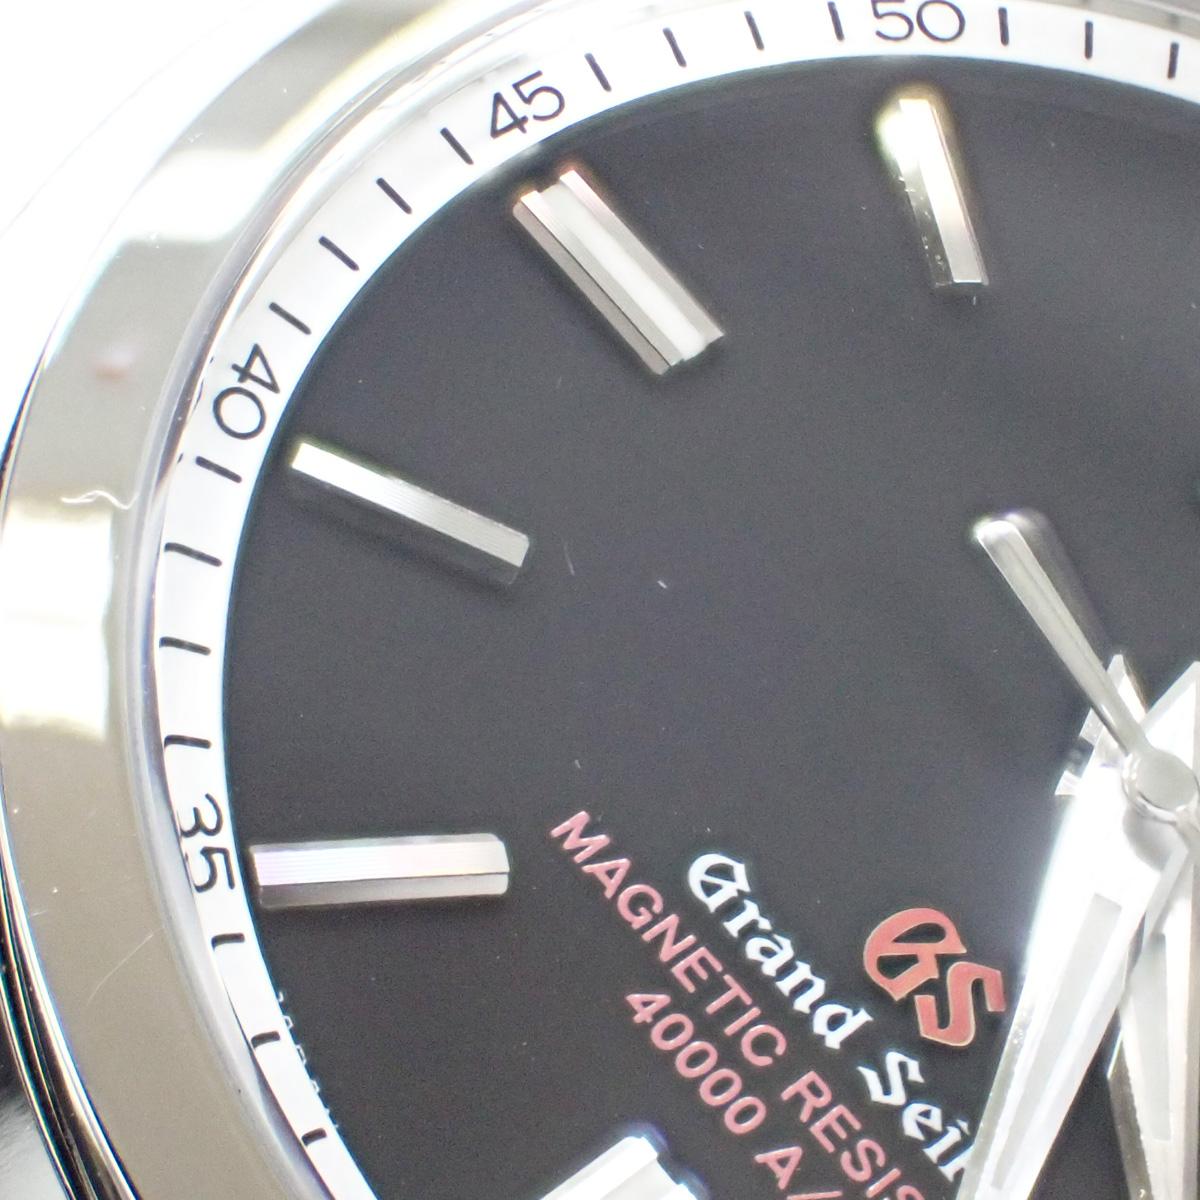 【辛口評価】【Aランク】Grand Seiko グランドセイコー 強化耐磁モデル SBGX093 ブラック文字盤 国内正規品